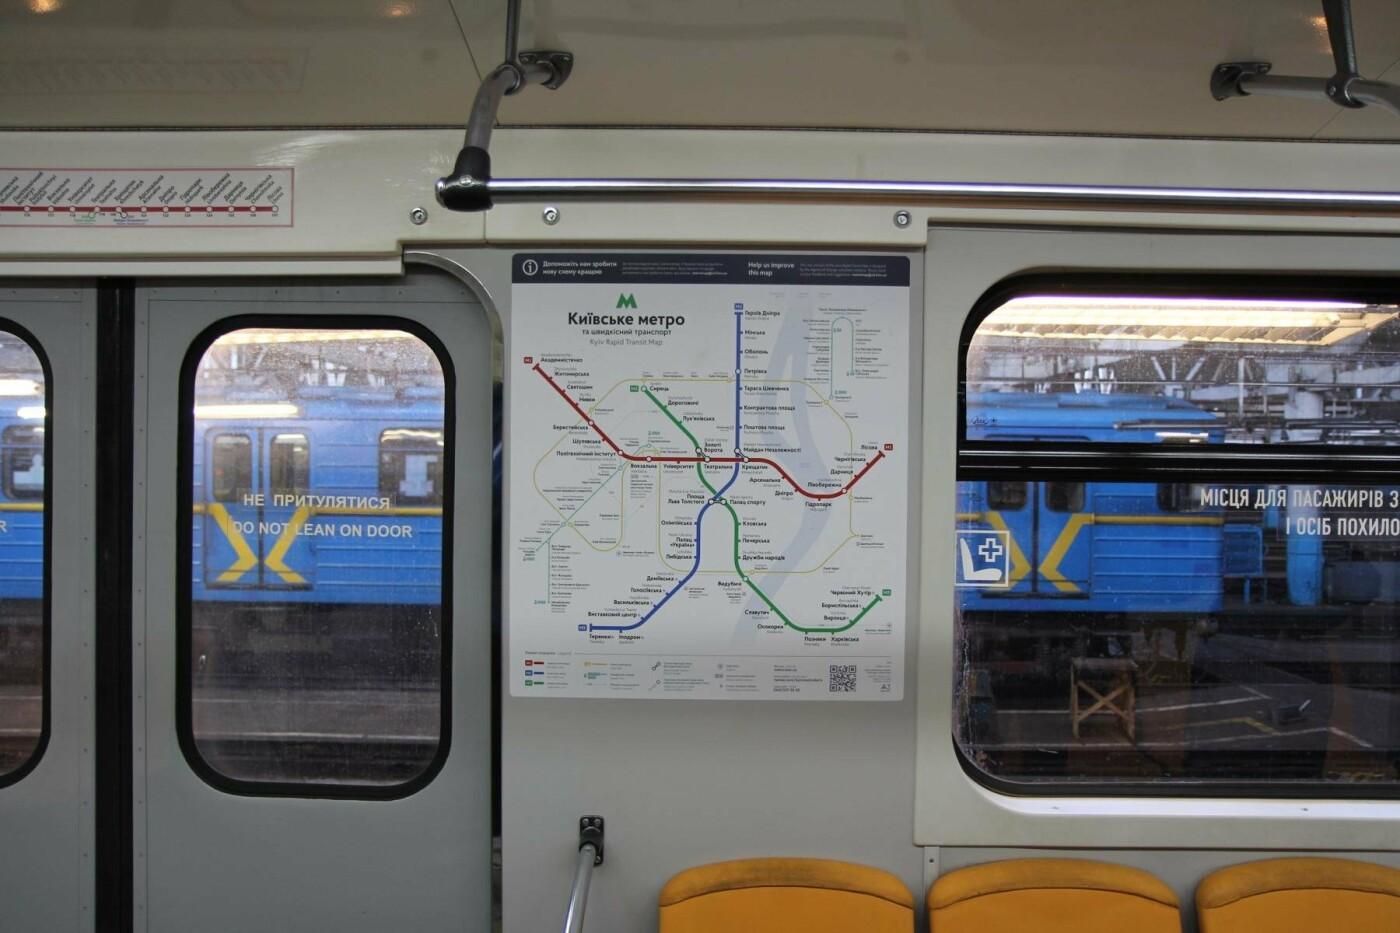 В вагонах киевского метро обновят карты‑схемы со станциями, фото-1